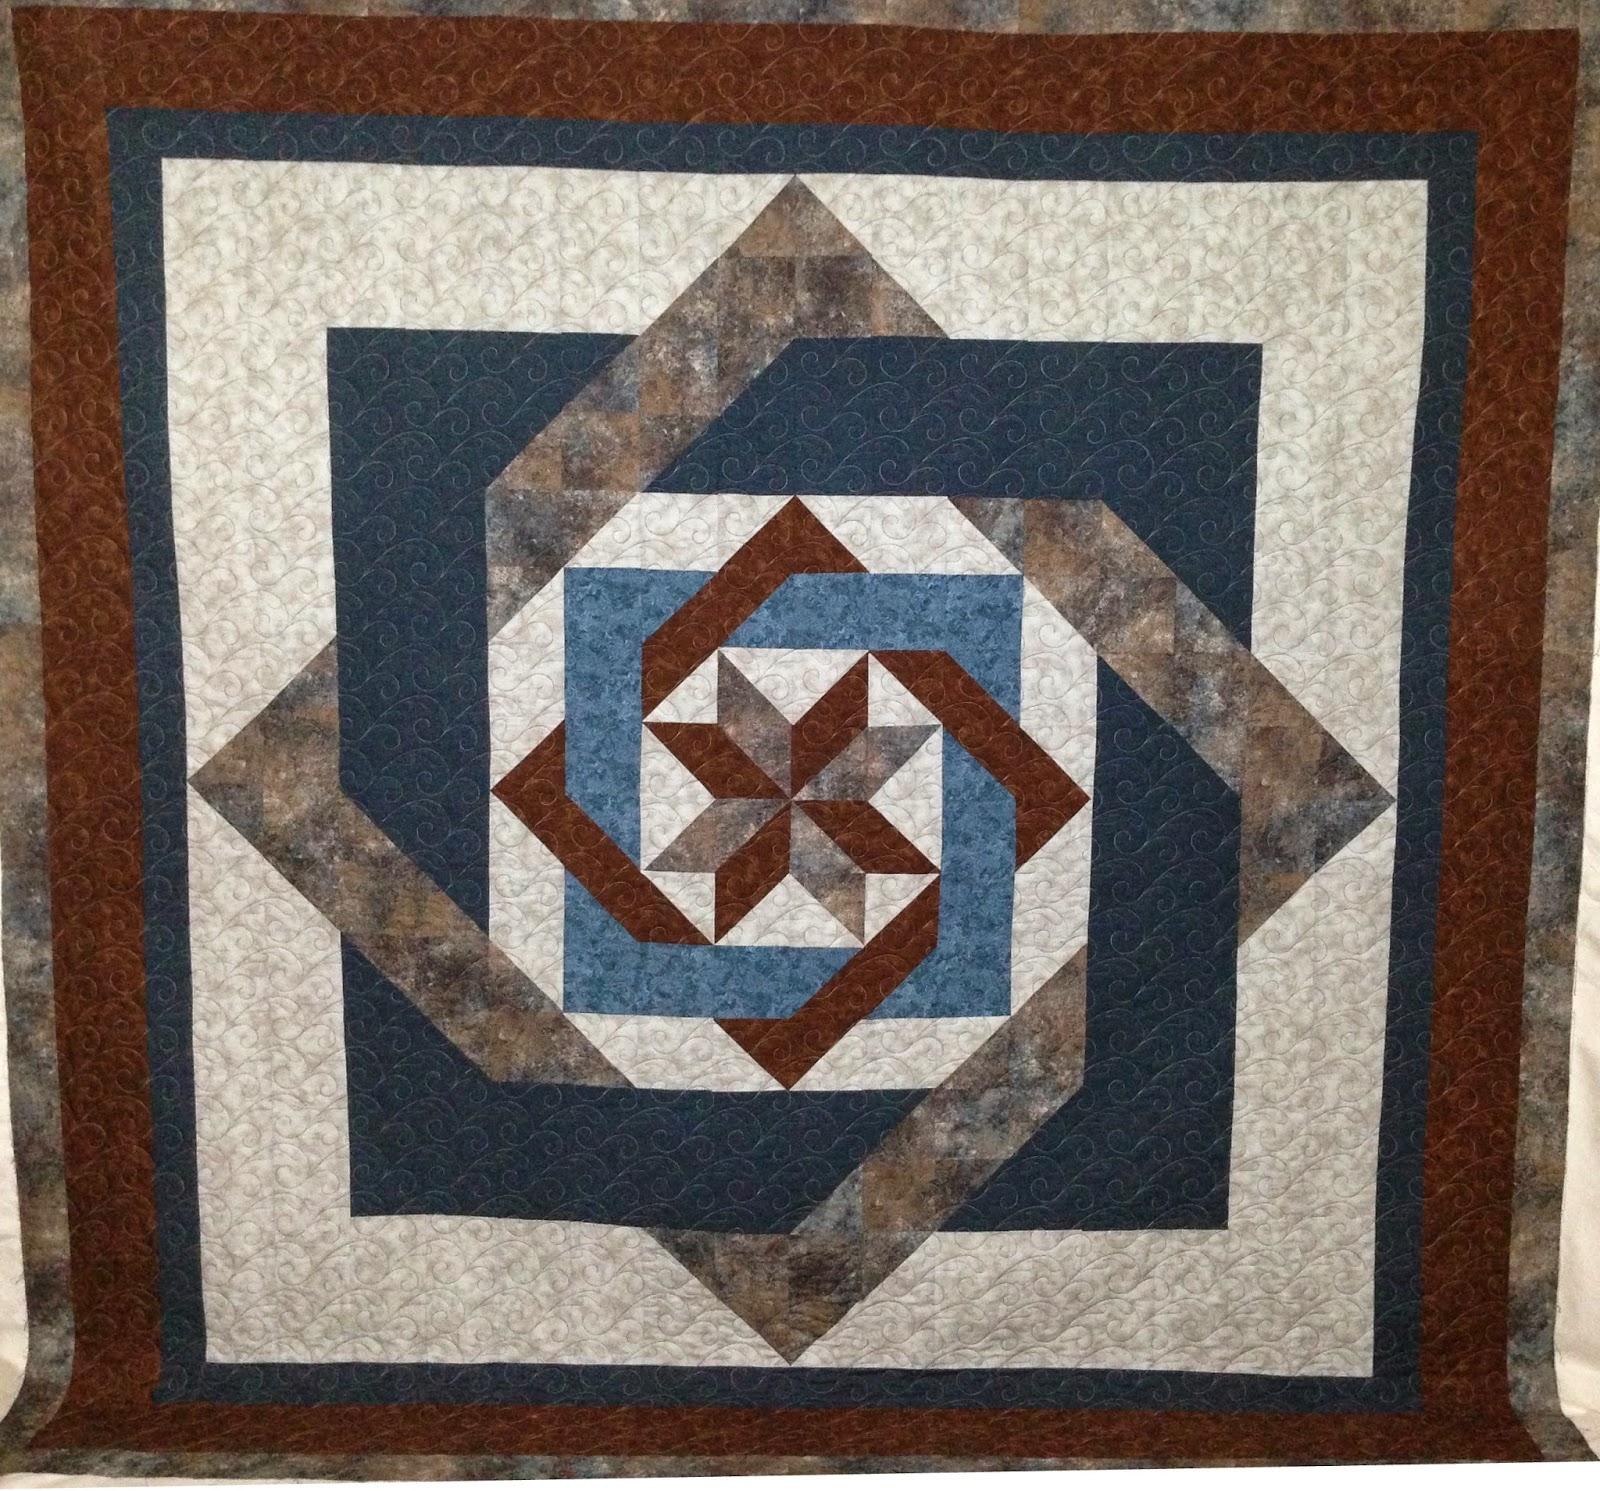 Susan Calvert's Labreth Quilt